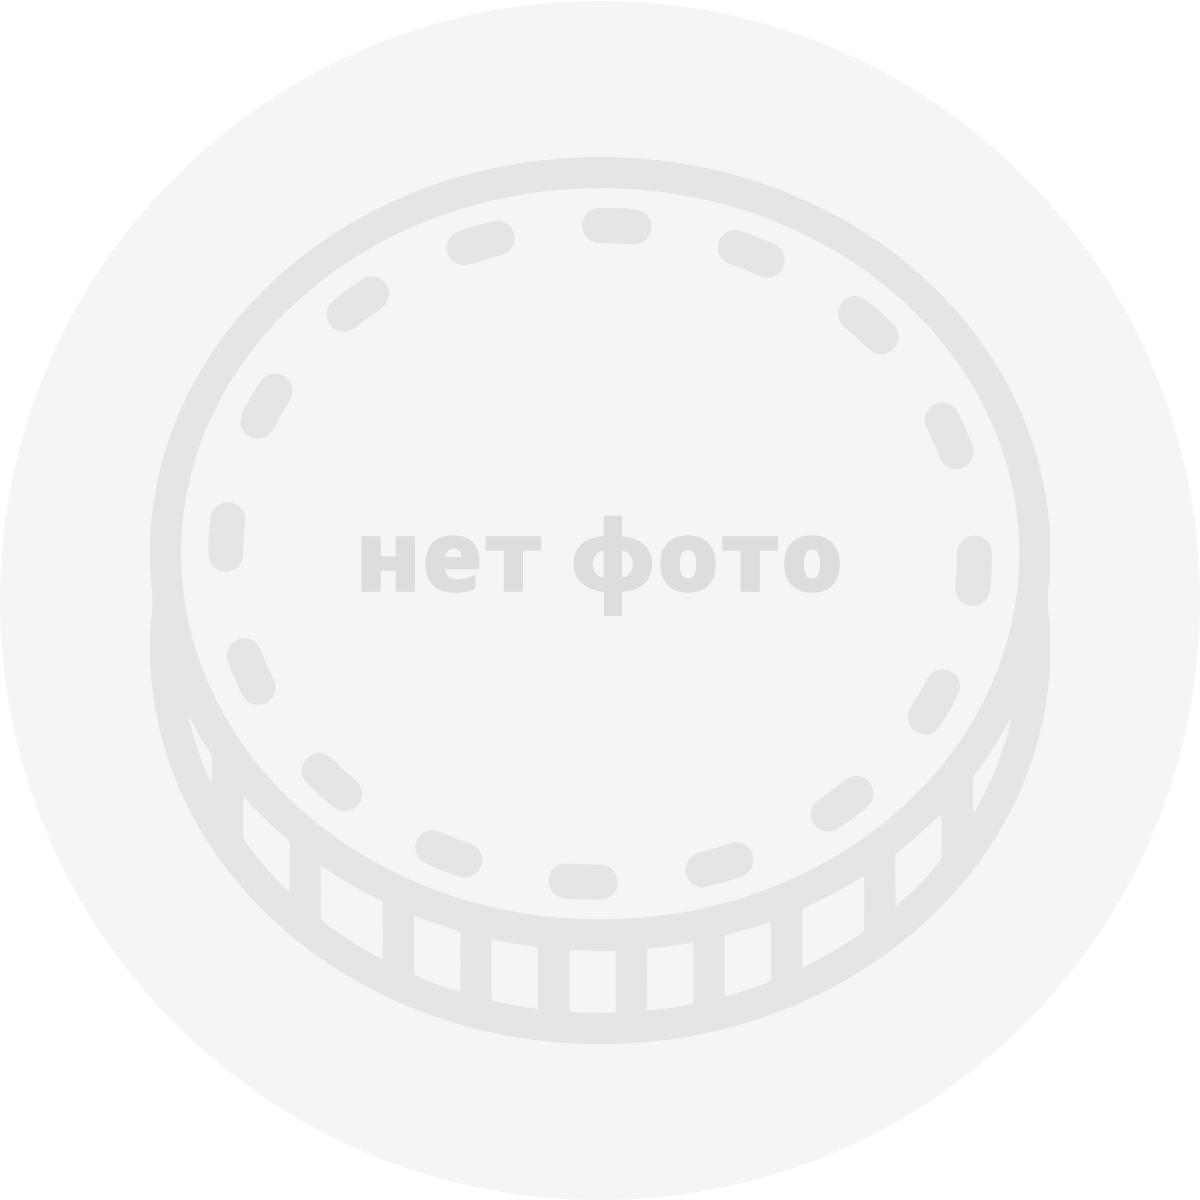 Джамли, Набор монет (2018 г.)